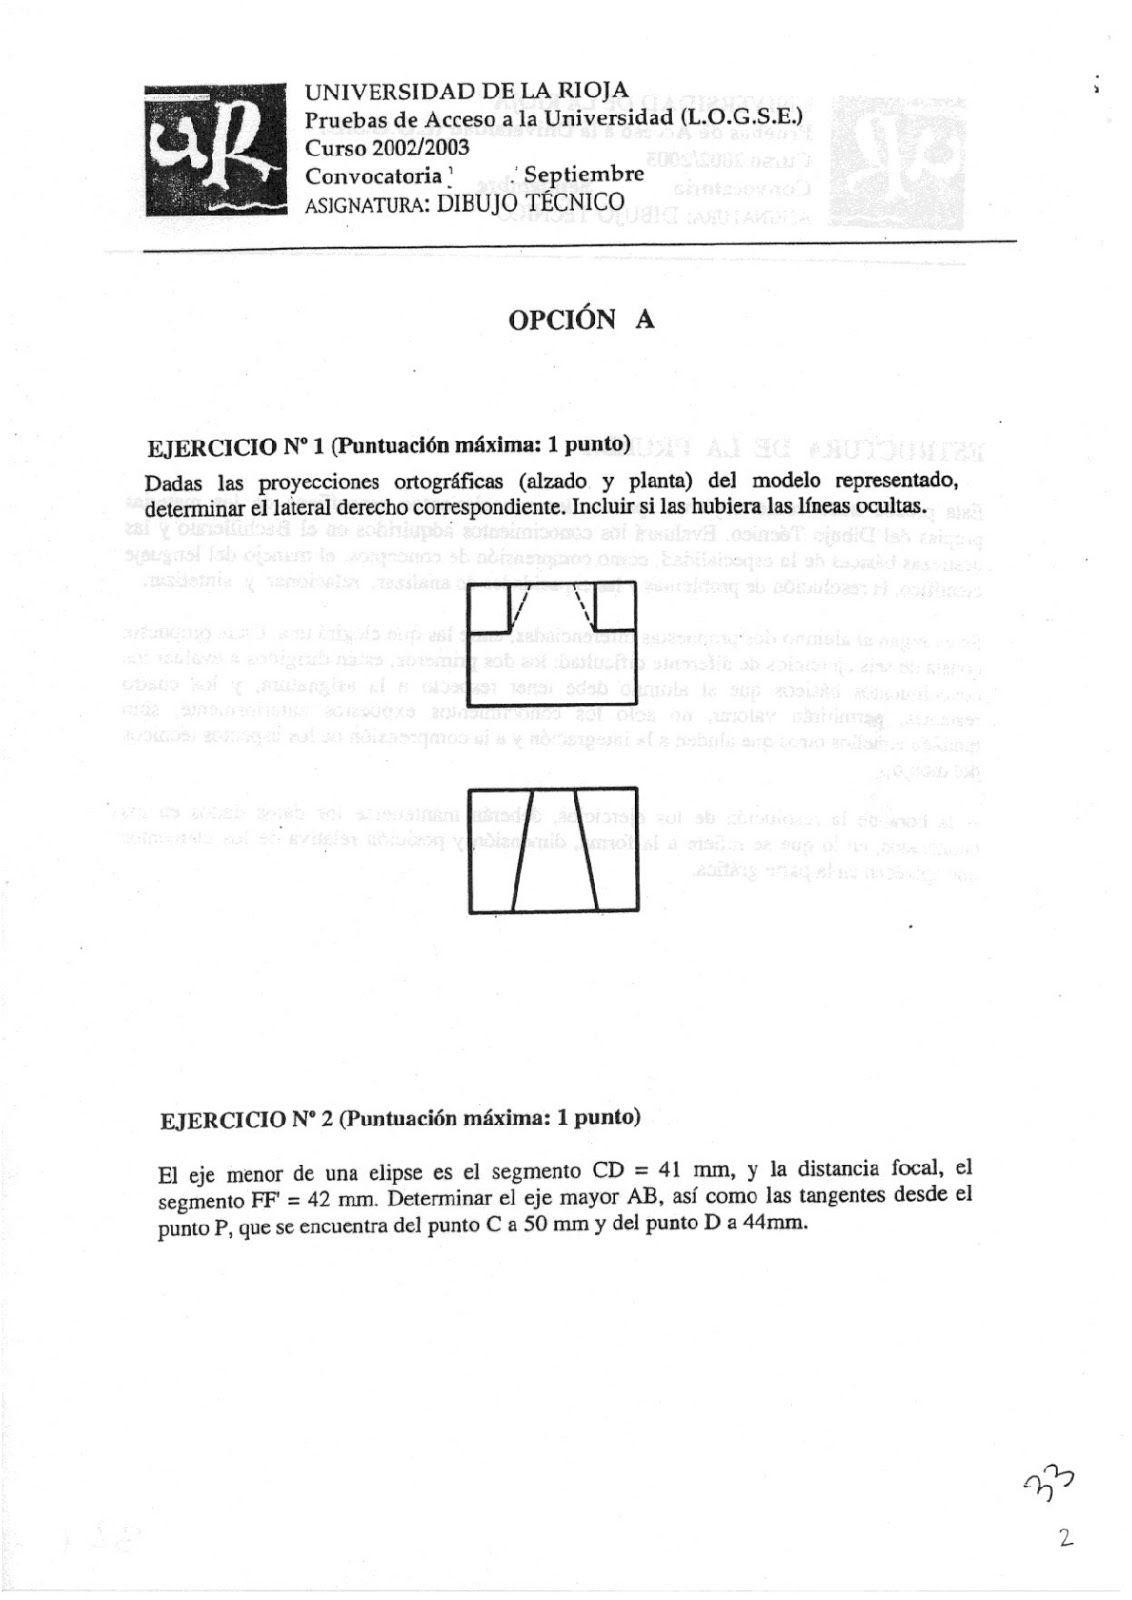 Examenes De Evaluacion Bachillerato Dibujo Tecnico Para El Acceso A La Universidad Ebau 2018 Convocatorias Junio Septiembr Bachillerato Evaluacion Examen